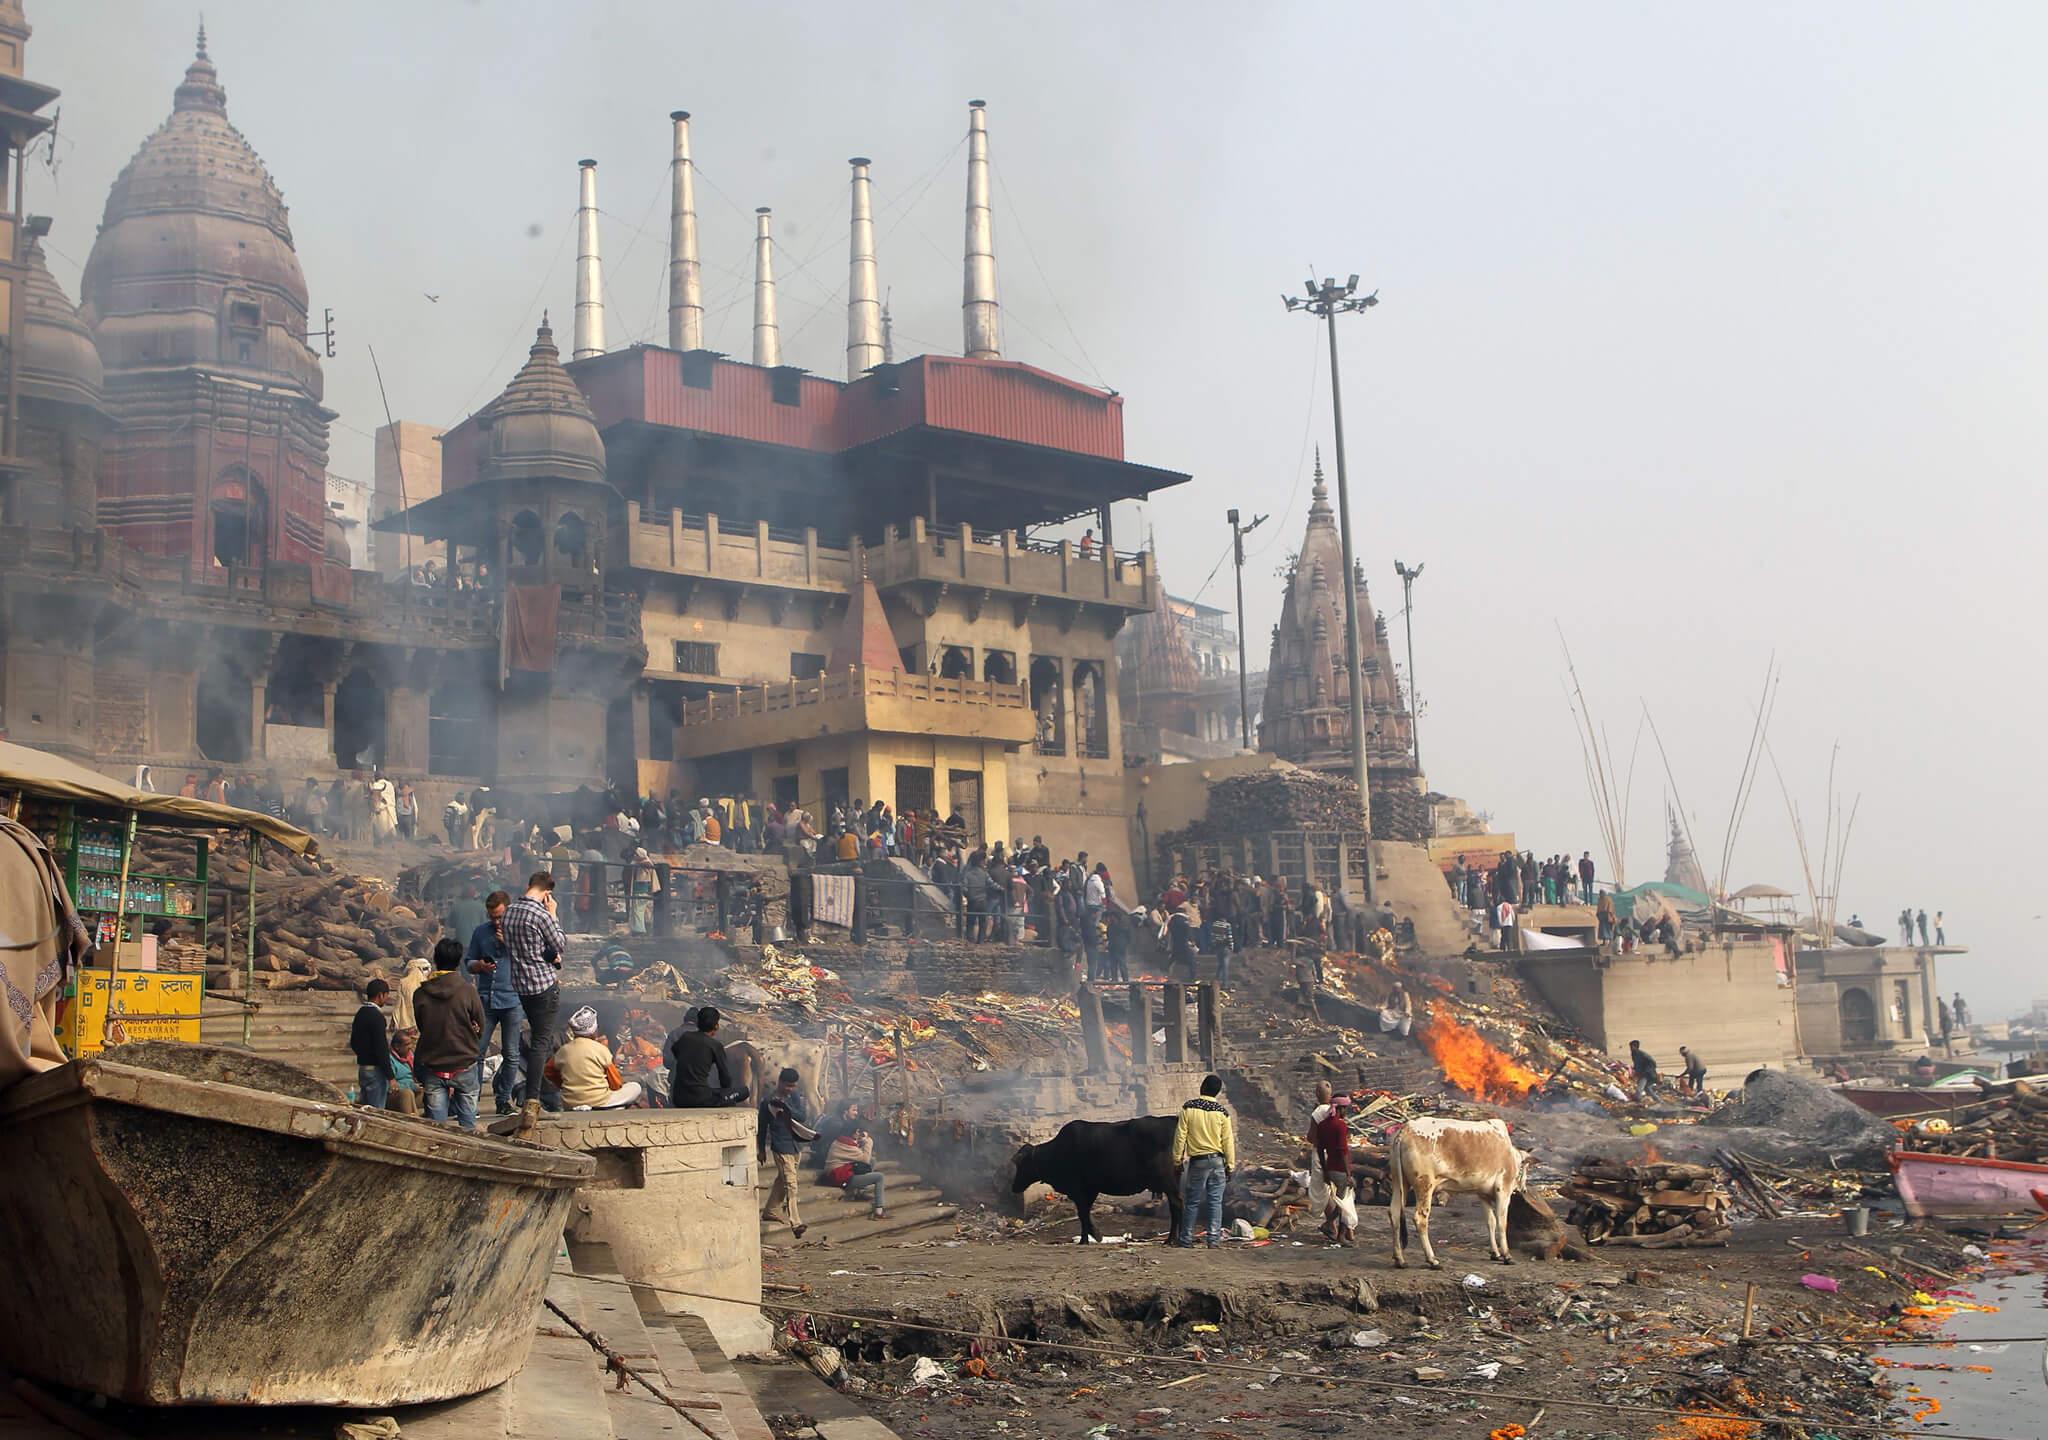 La ciudad sagrada de Varanasi